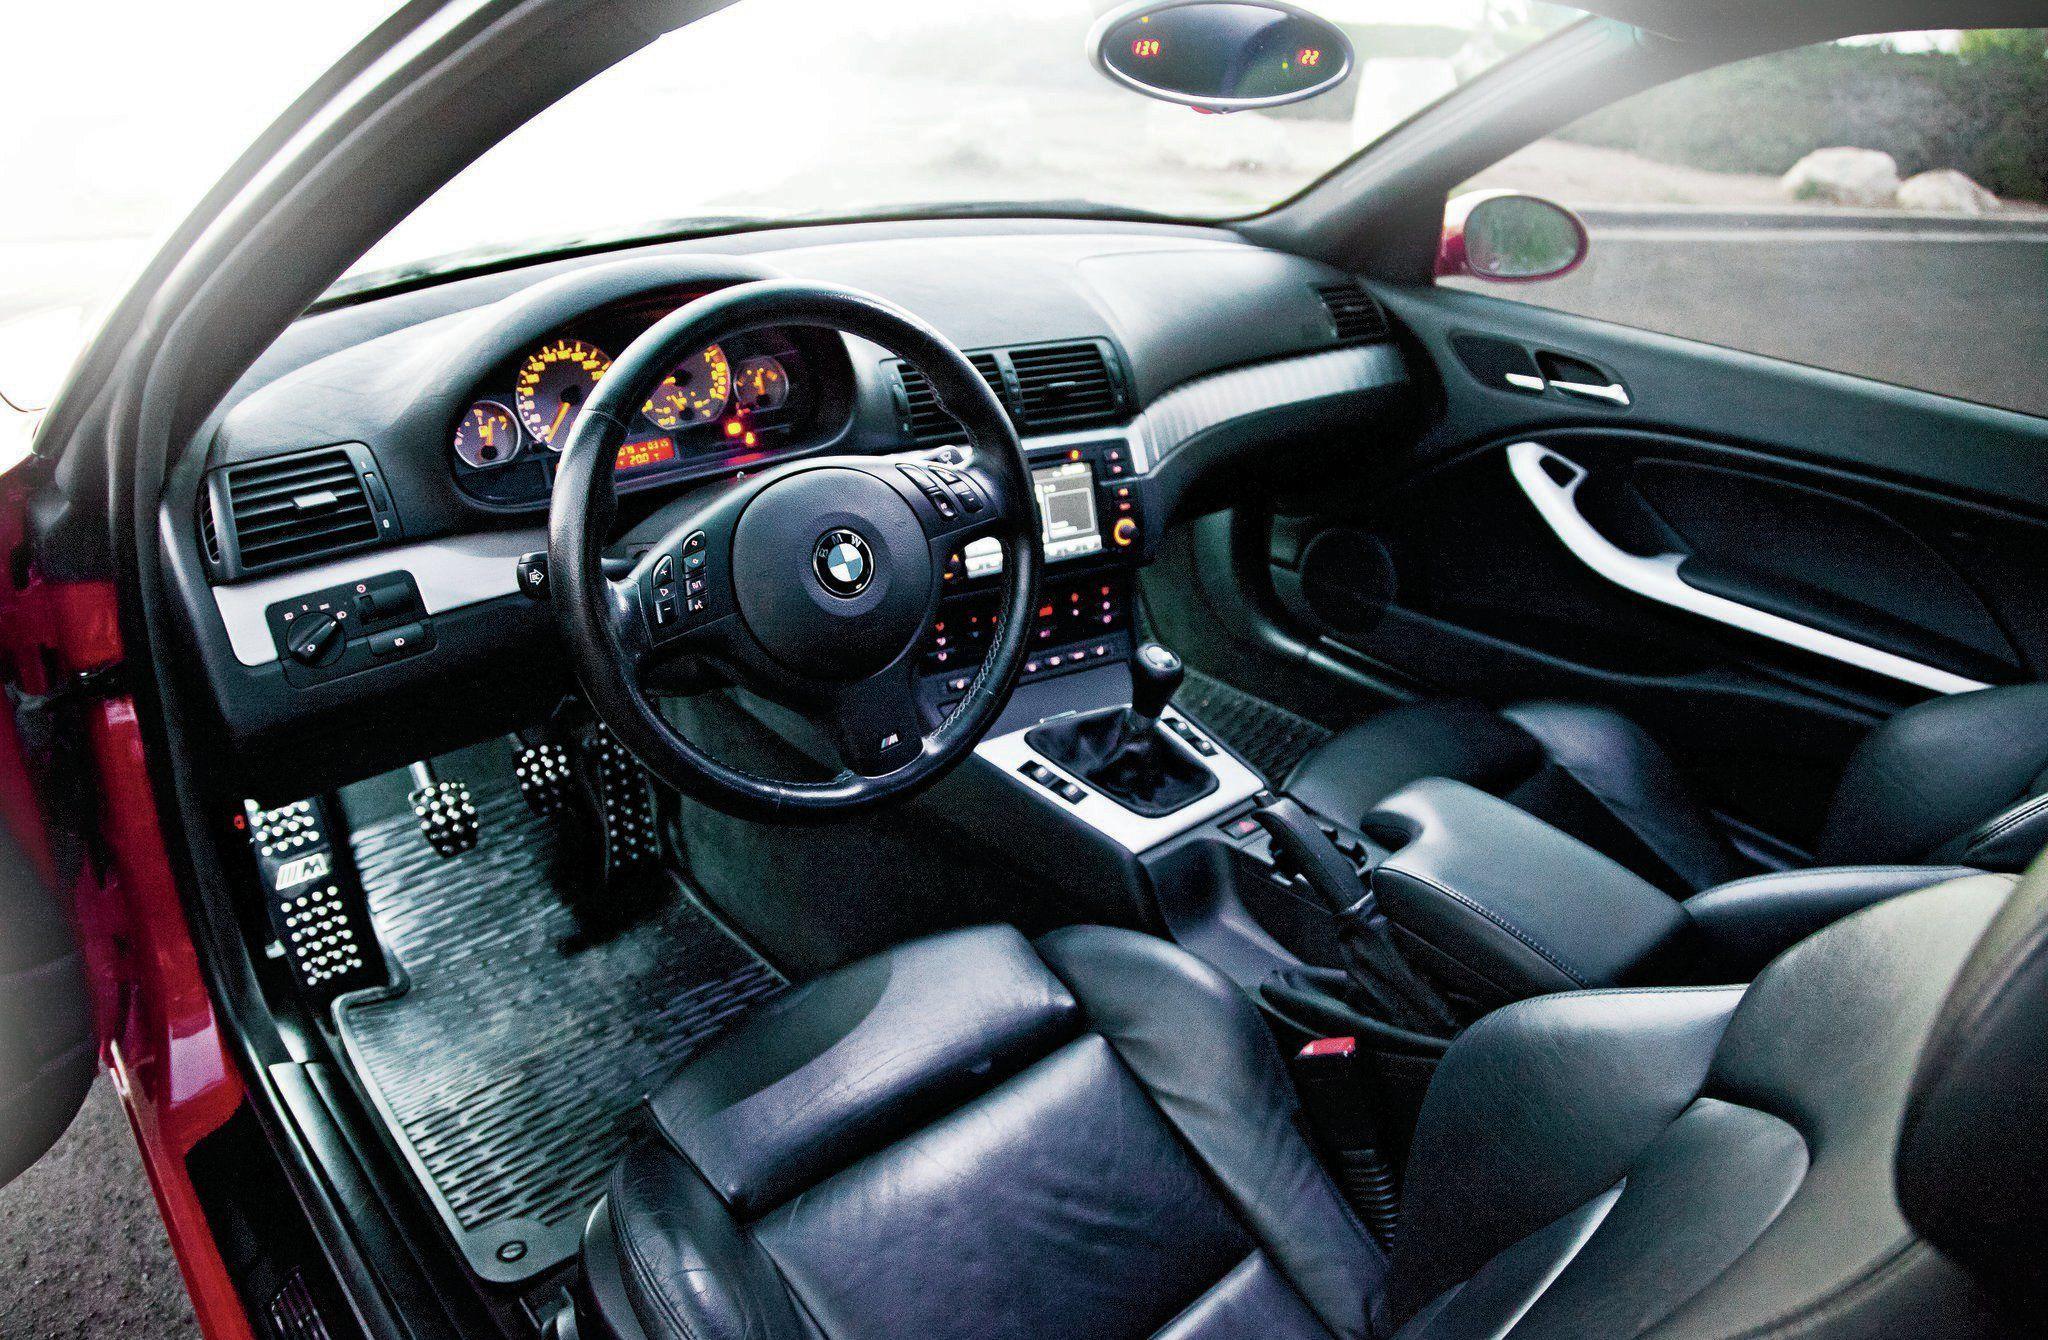 Superb Bmw M3 E46 Interior Design